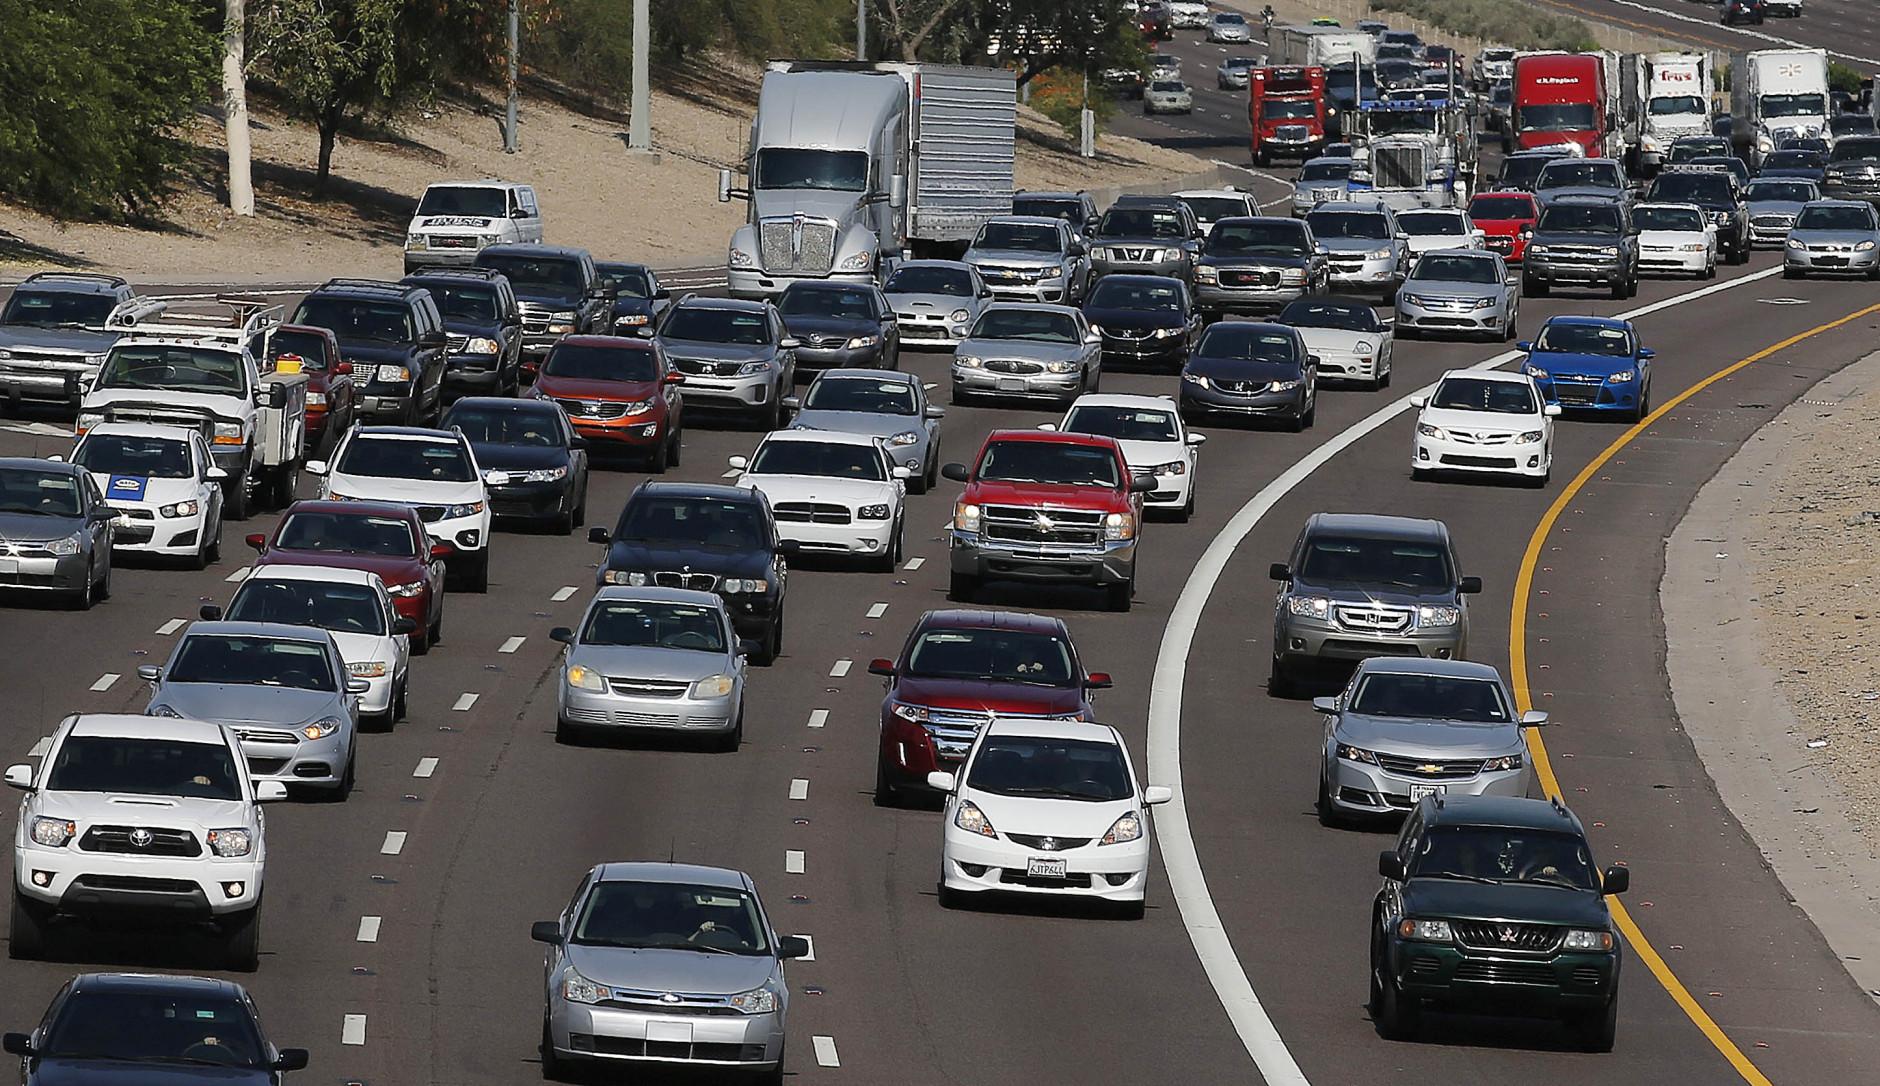 Lexus sedan tops list of most-ticketed vehicles in U.S.